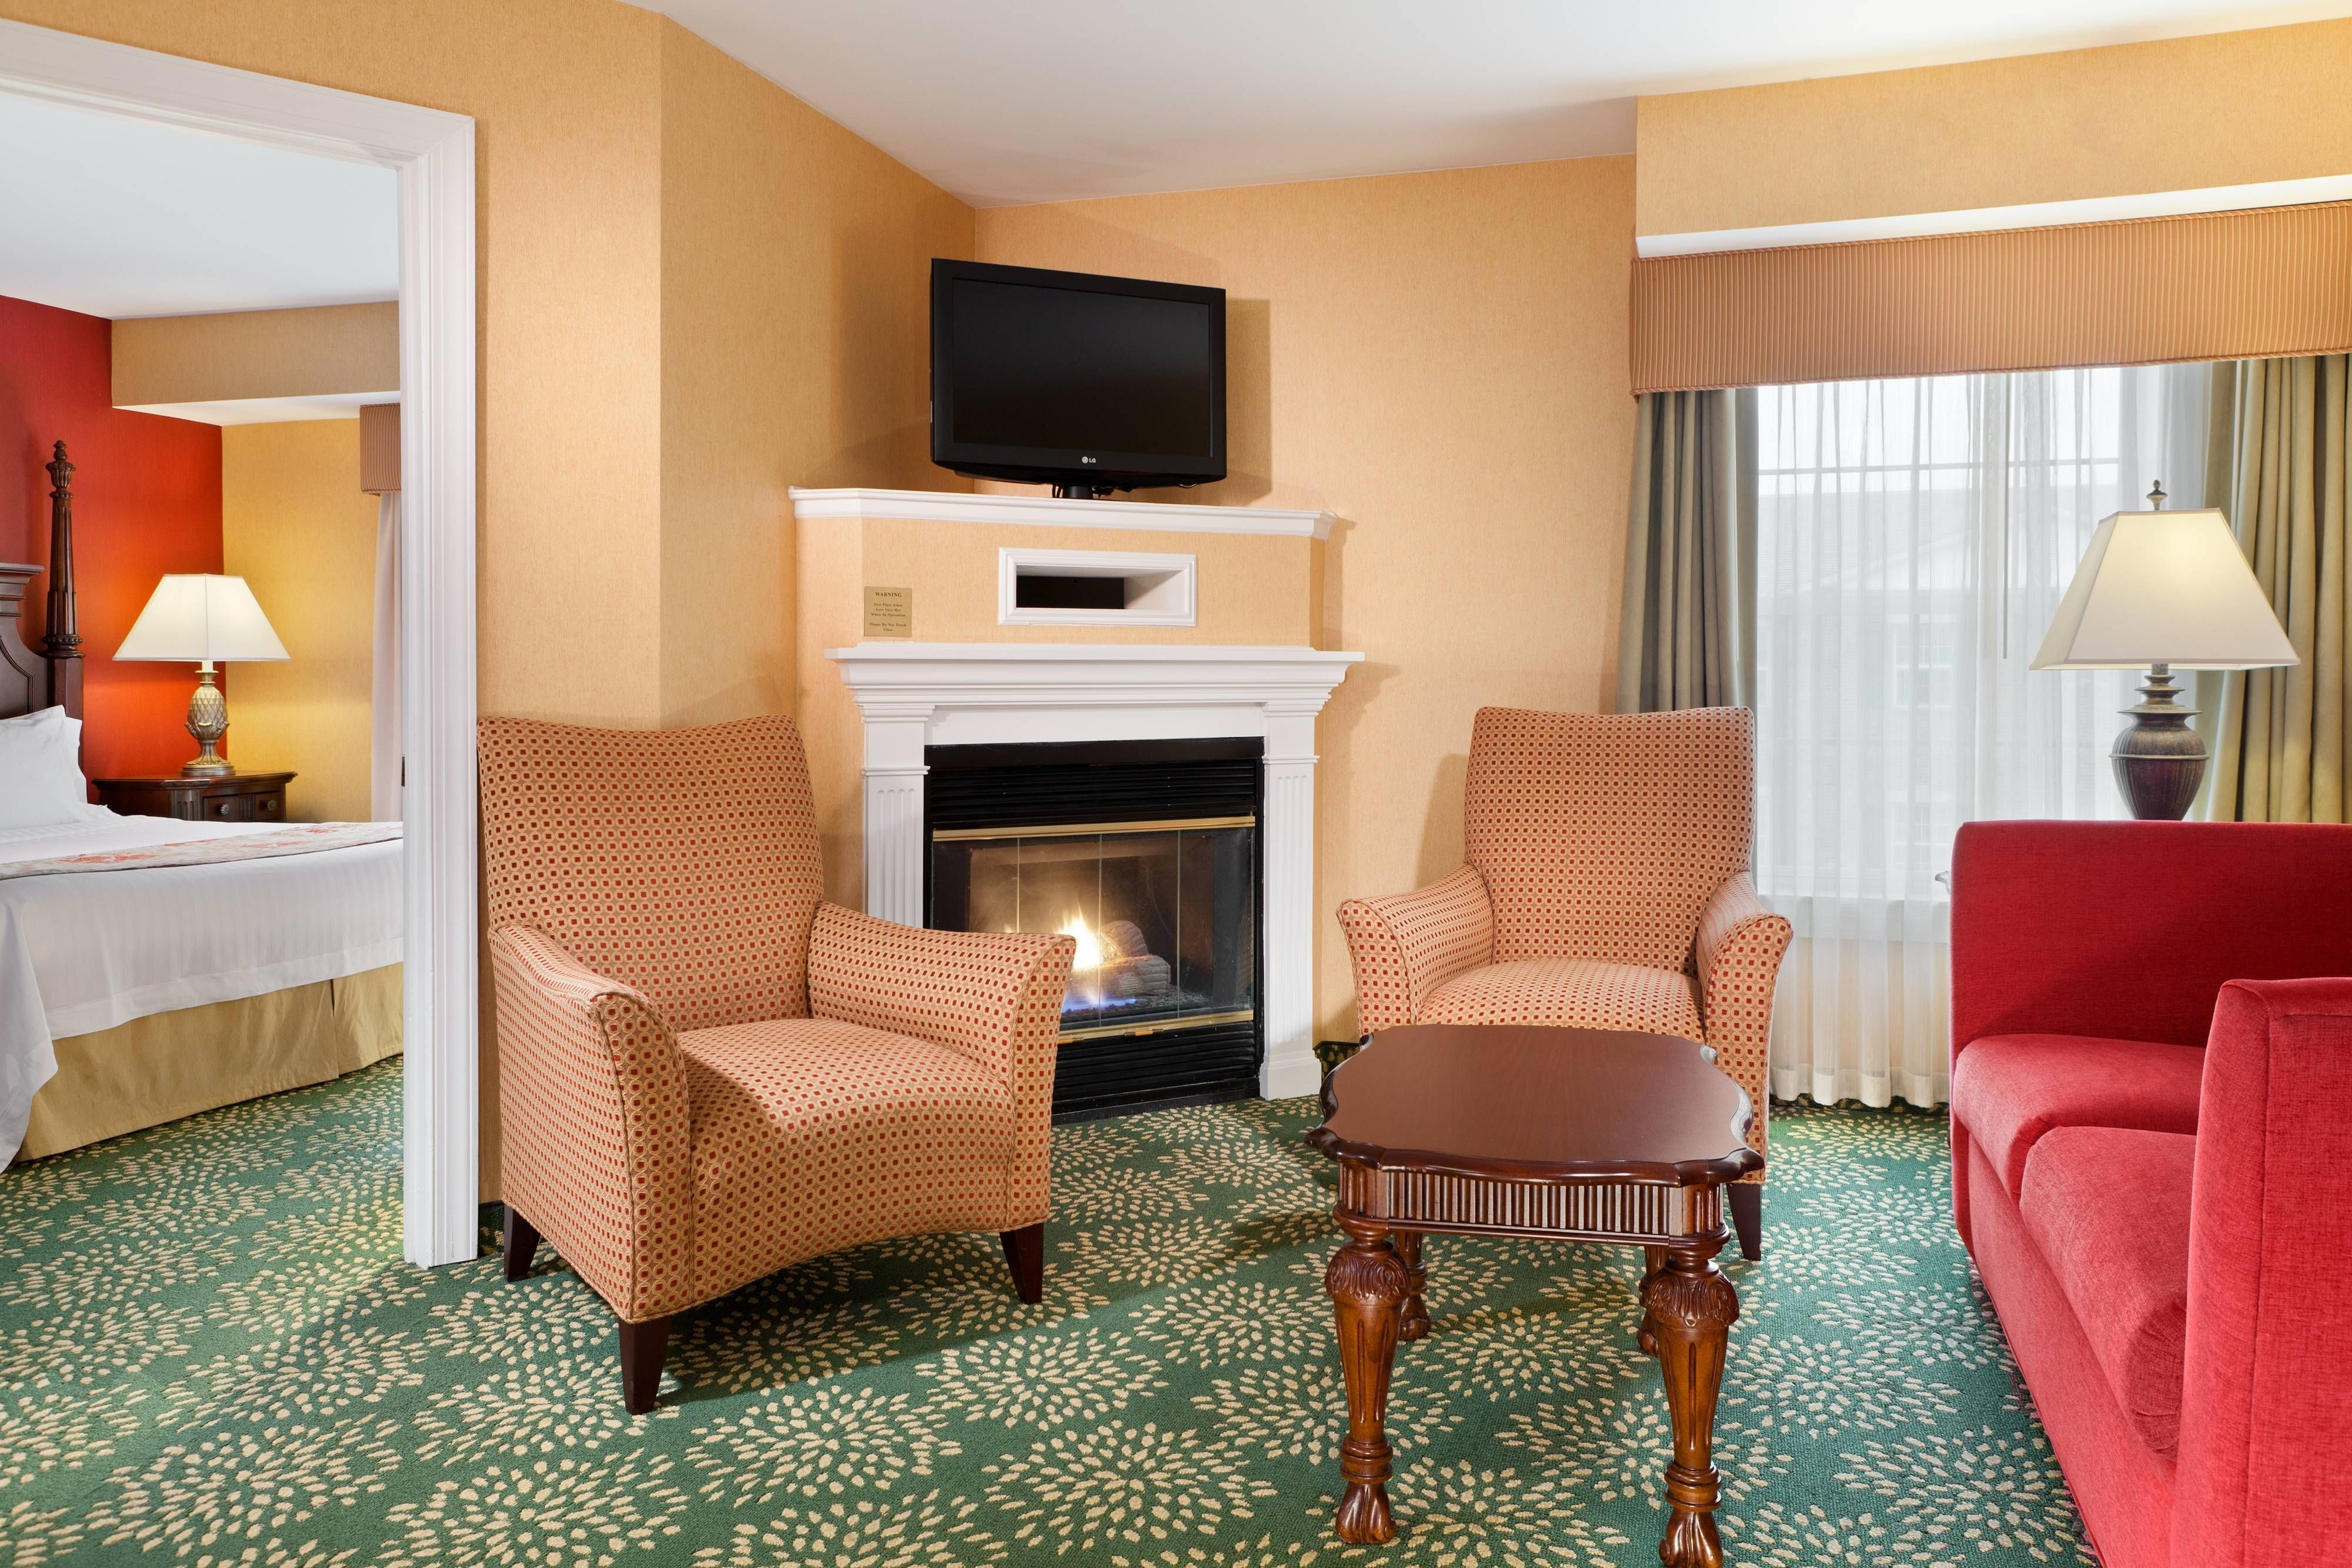 Residence Inn West Orange Two Bedroom Suite Hotels